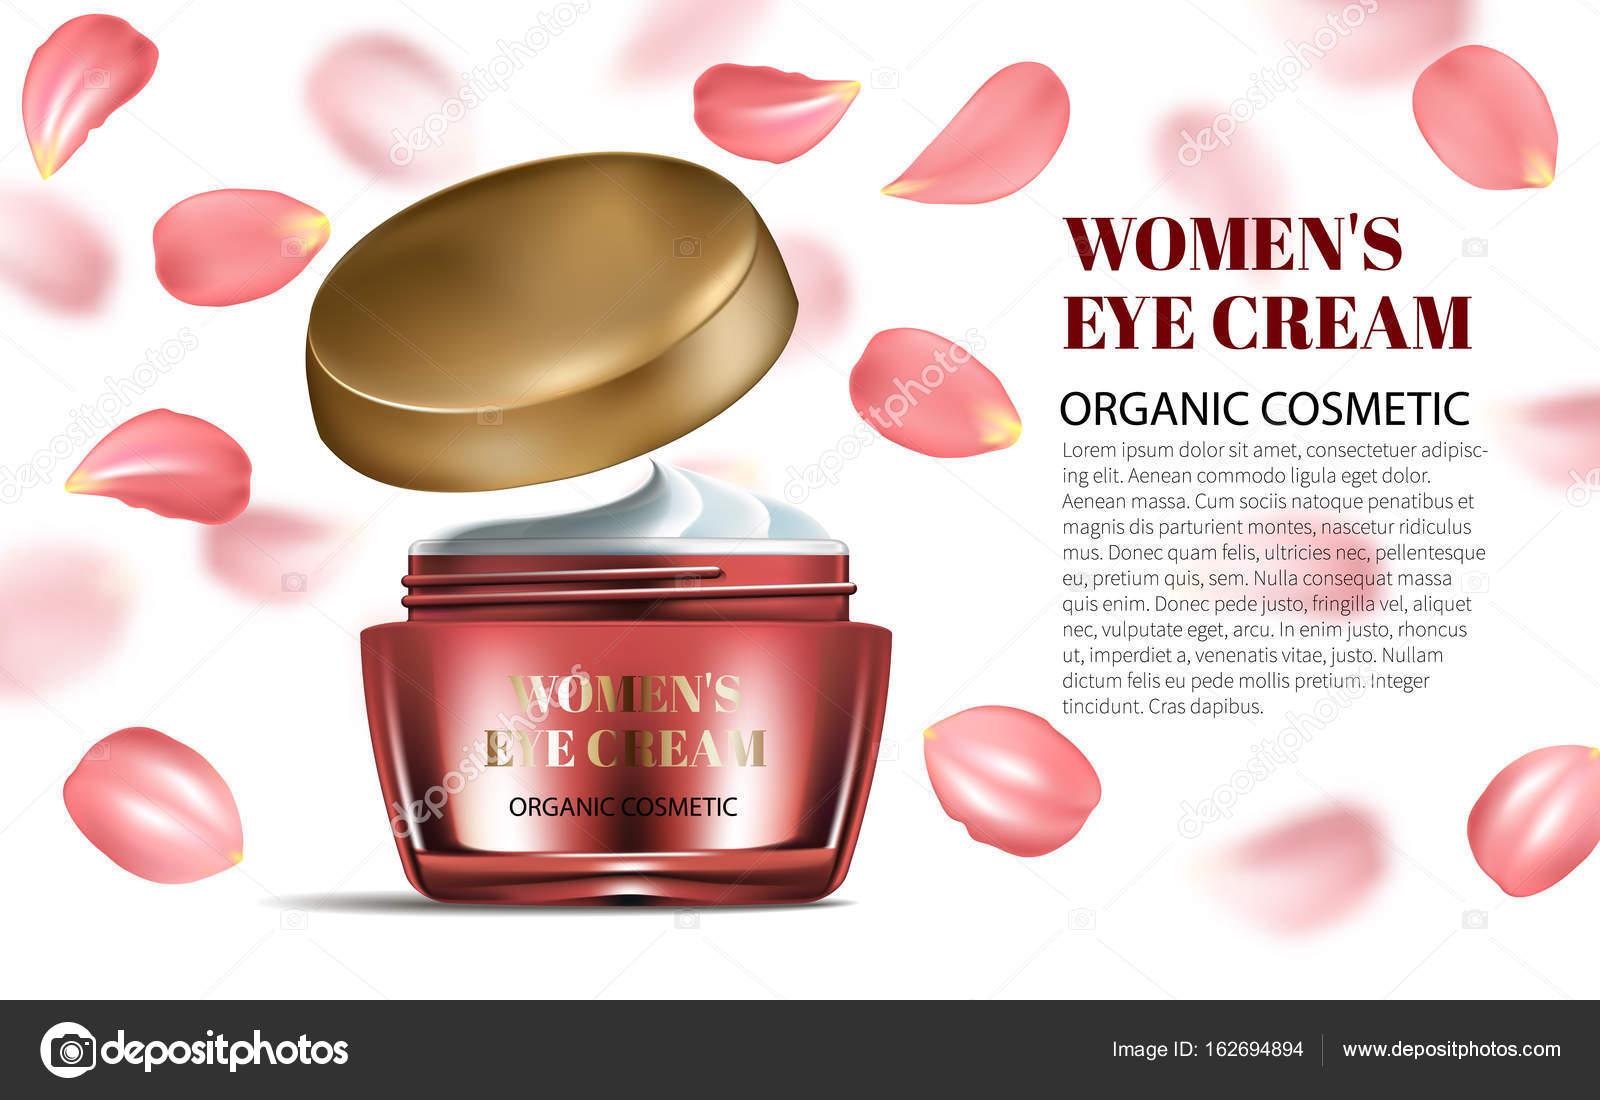 0eb5f99c4e86eb Realistico donna aperto crema per viso e occhi con petali rosso bottiglia  Mockup su sfondo abbagliante. Contenute in vetro. Ottima pubblicità.